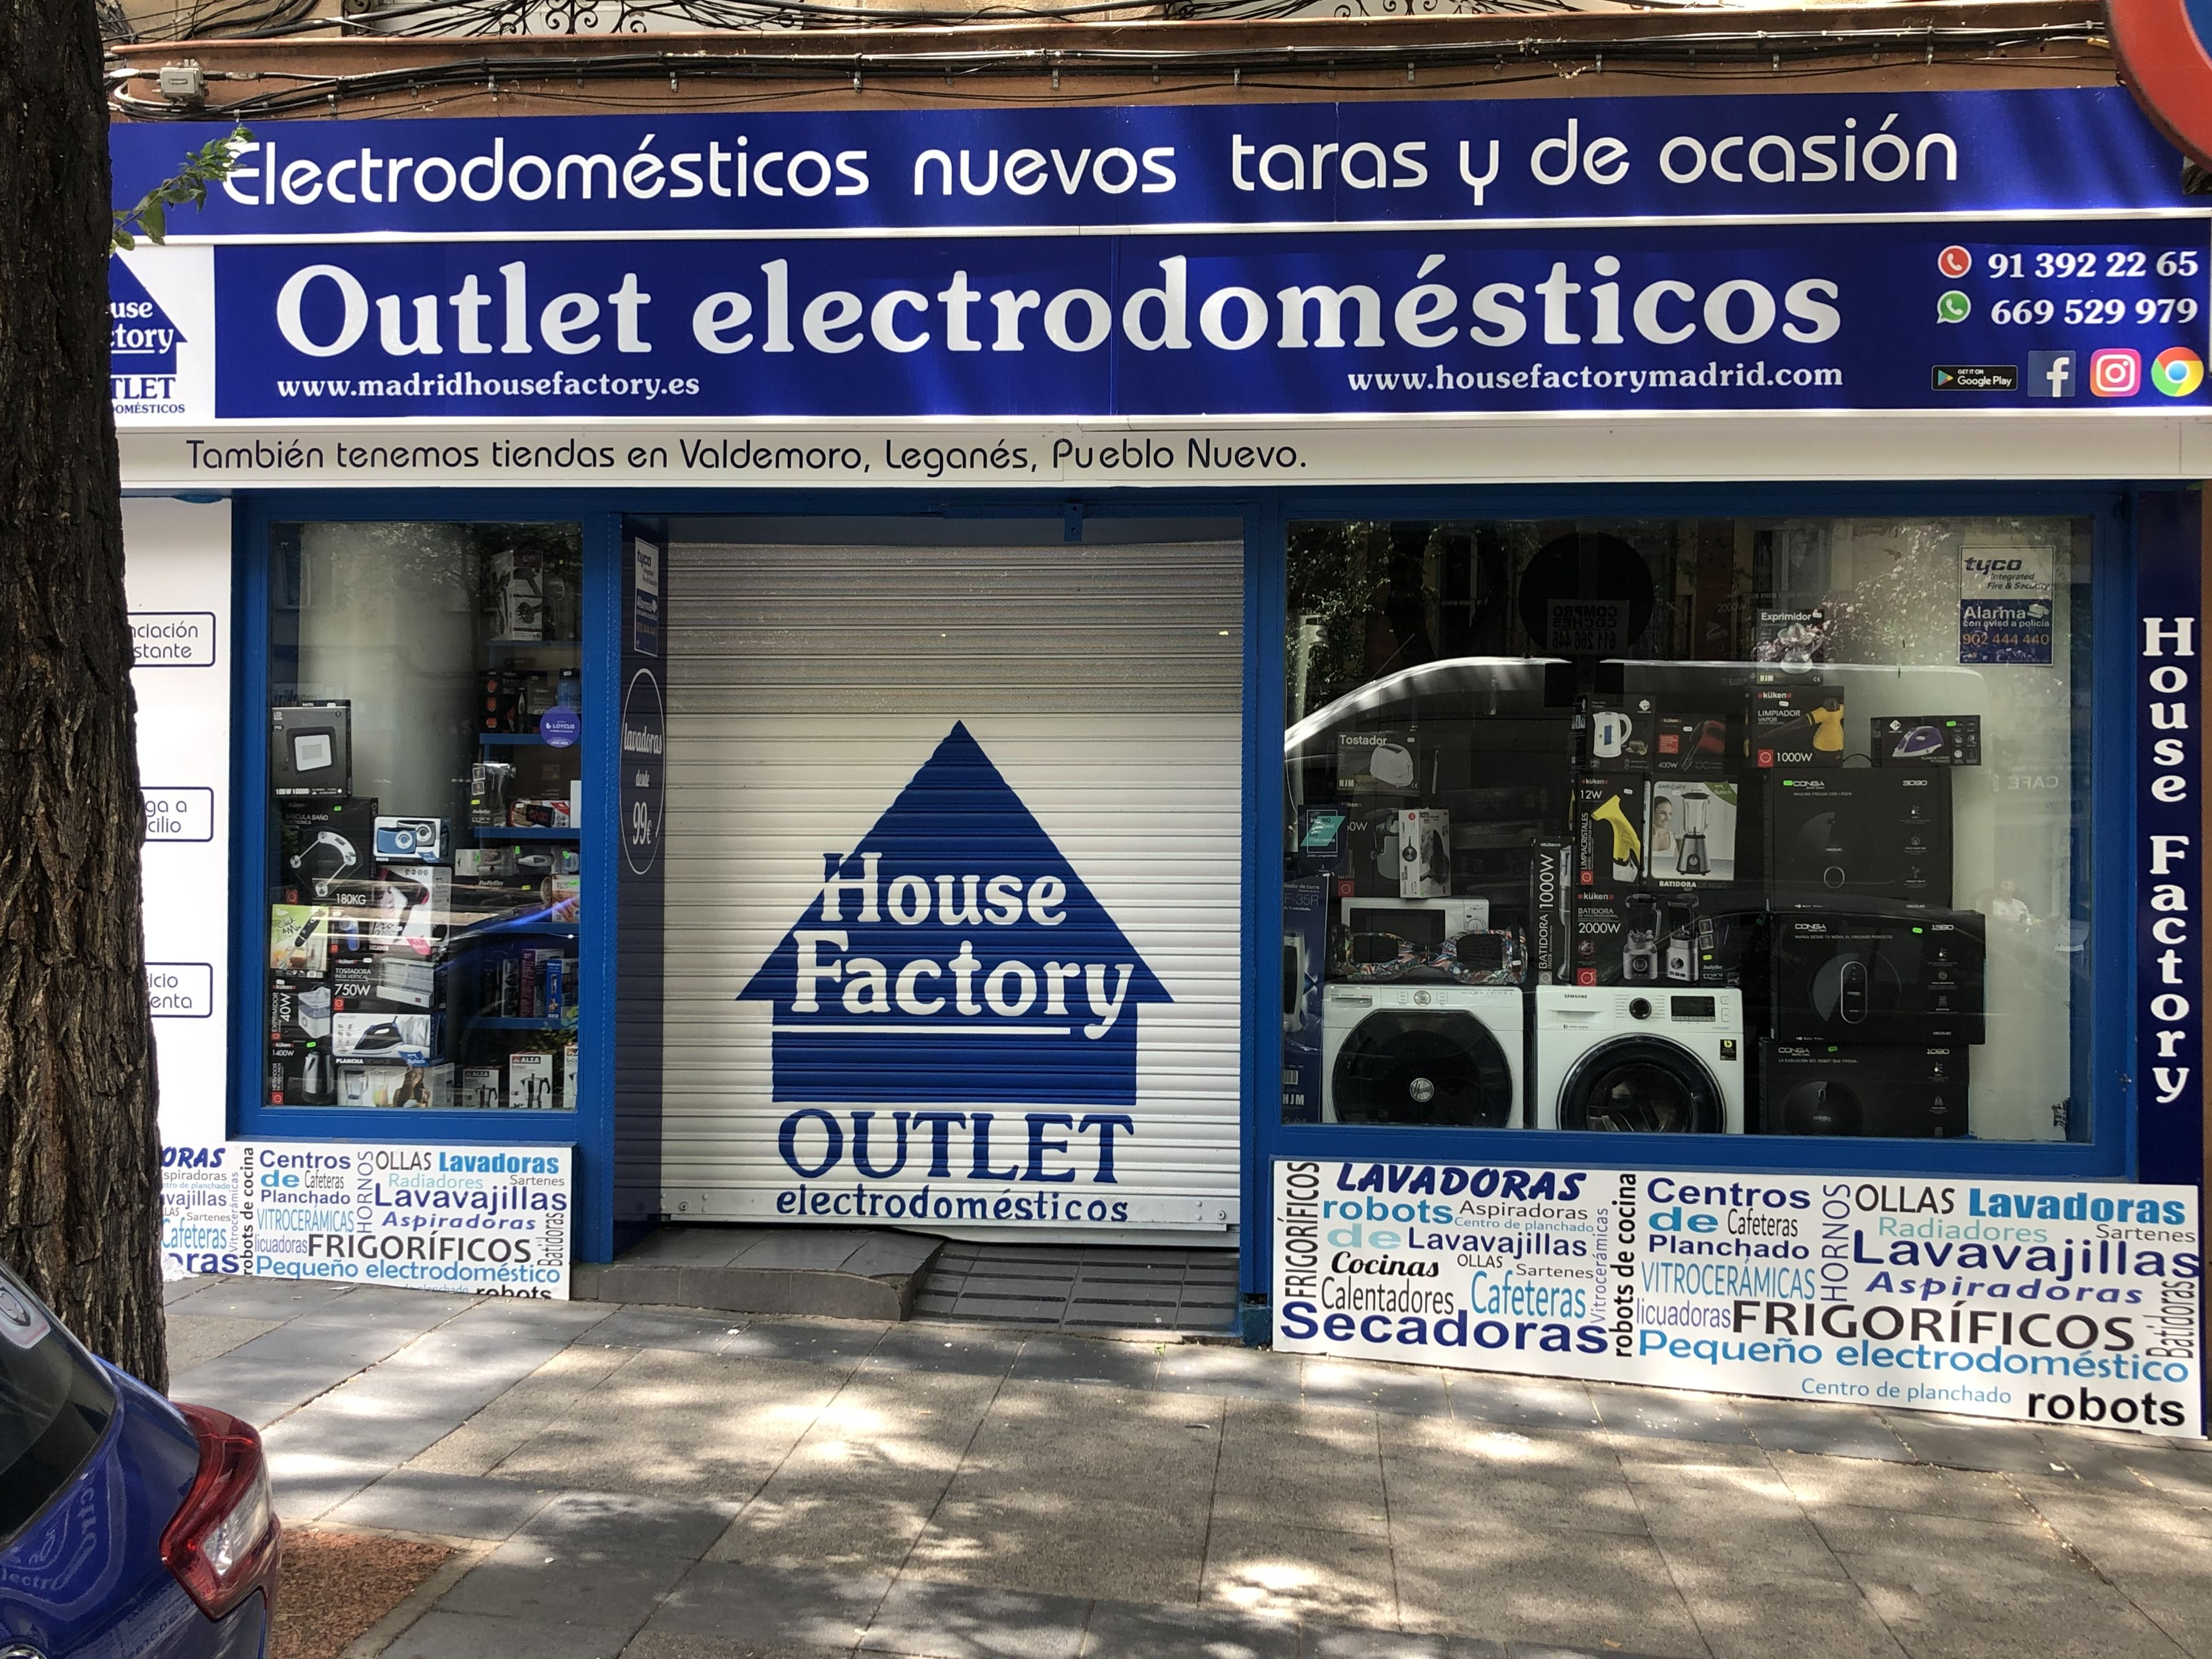 Foto 12 de Outlet de electrodomésticos en Pueblo Nuevo | House Factory Madrid Outlet de Electrodomésticos Pueblo Nuevo